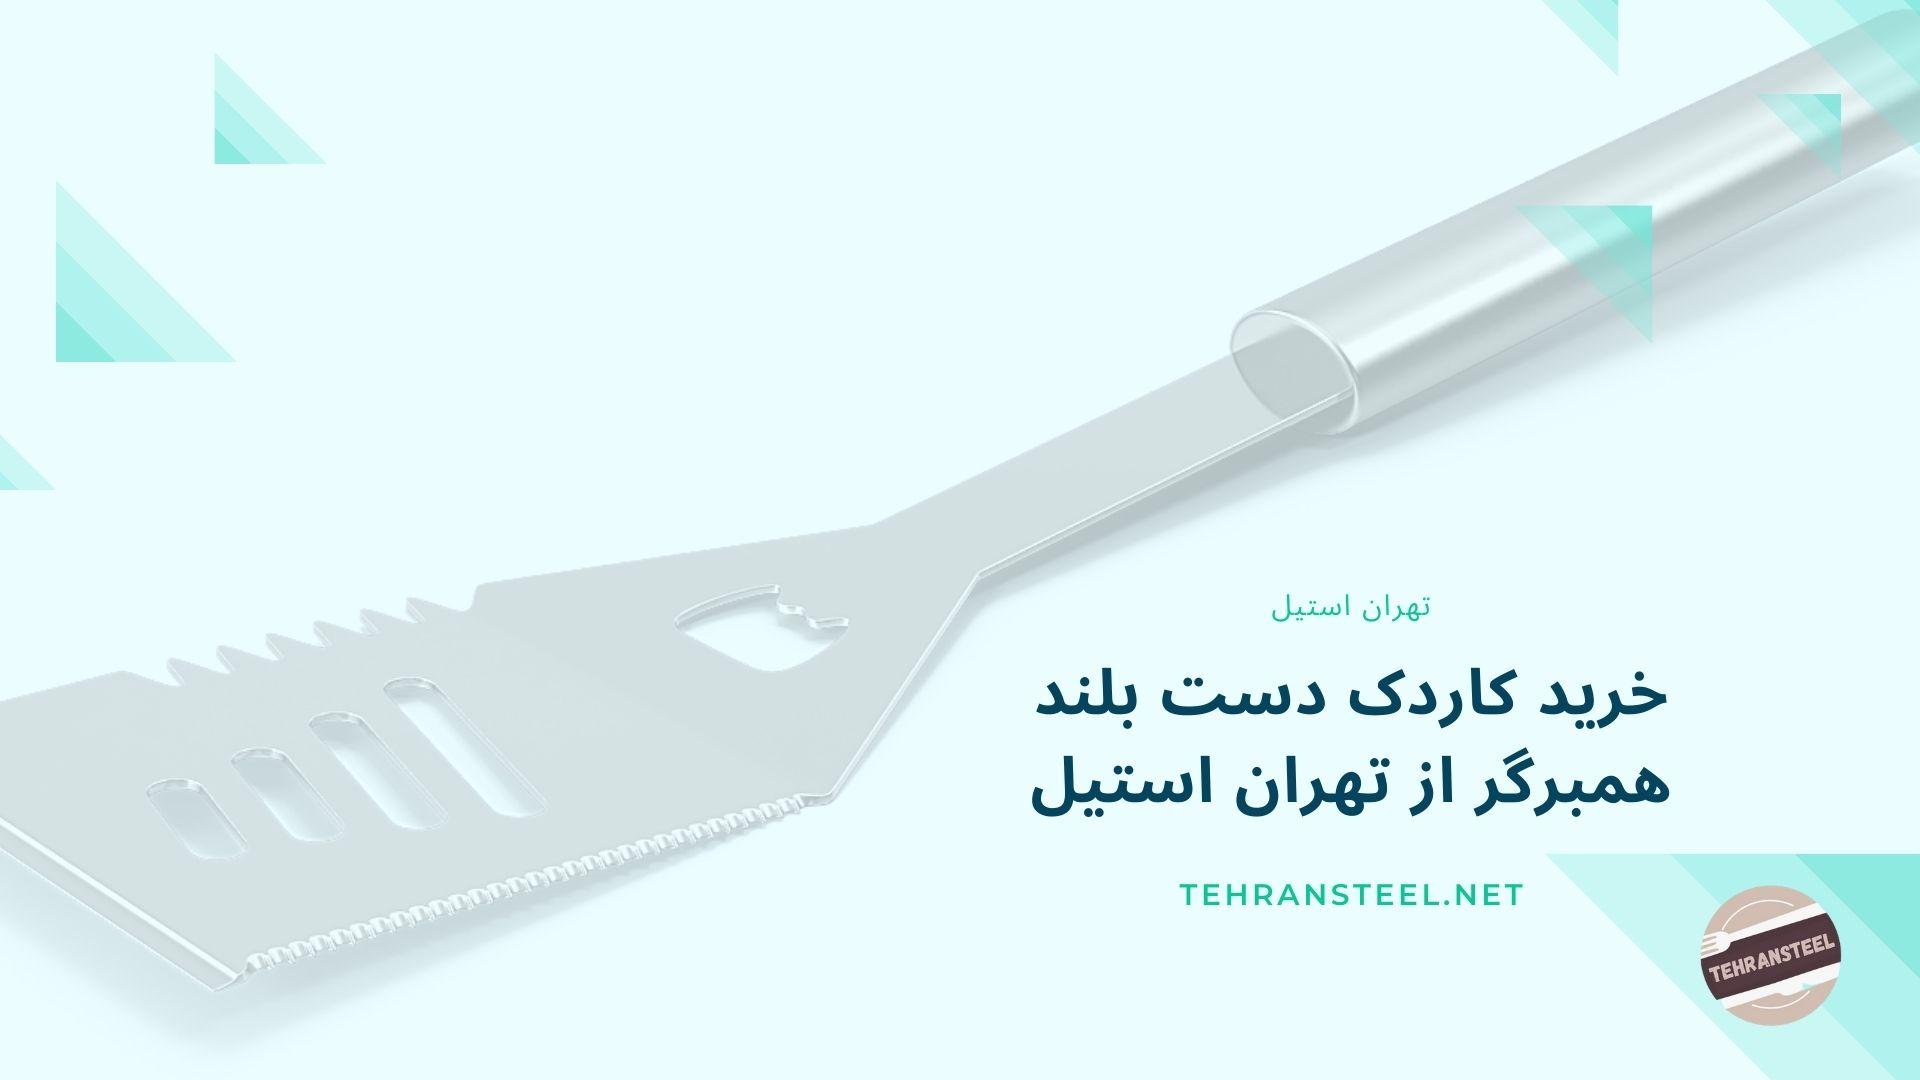 خرید کاردک دست بلند همبرگر از تهران استیل